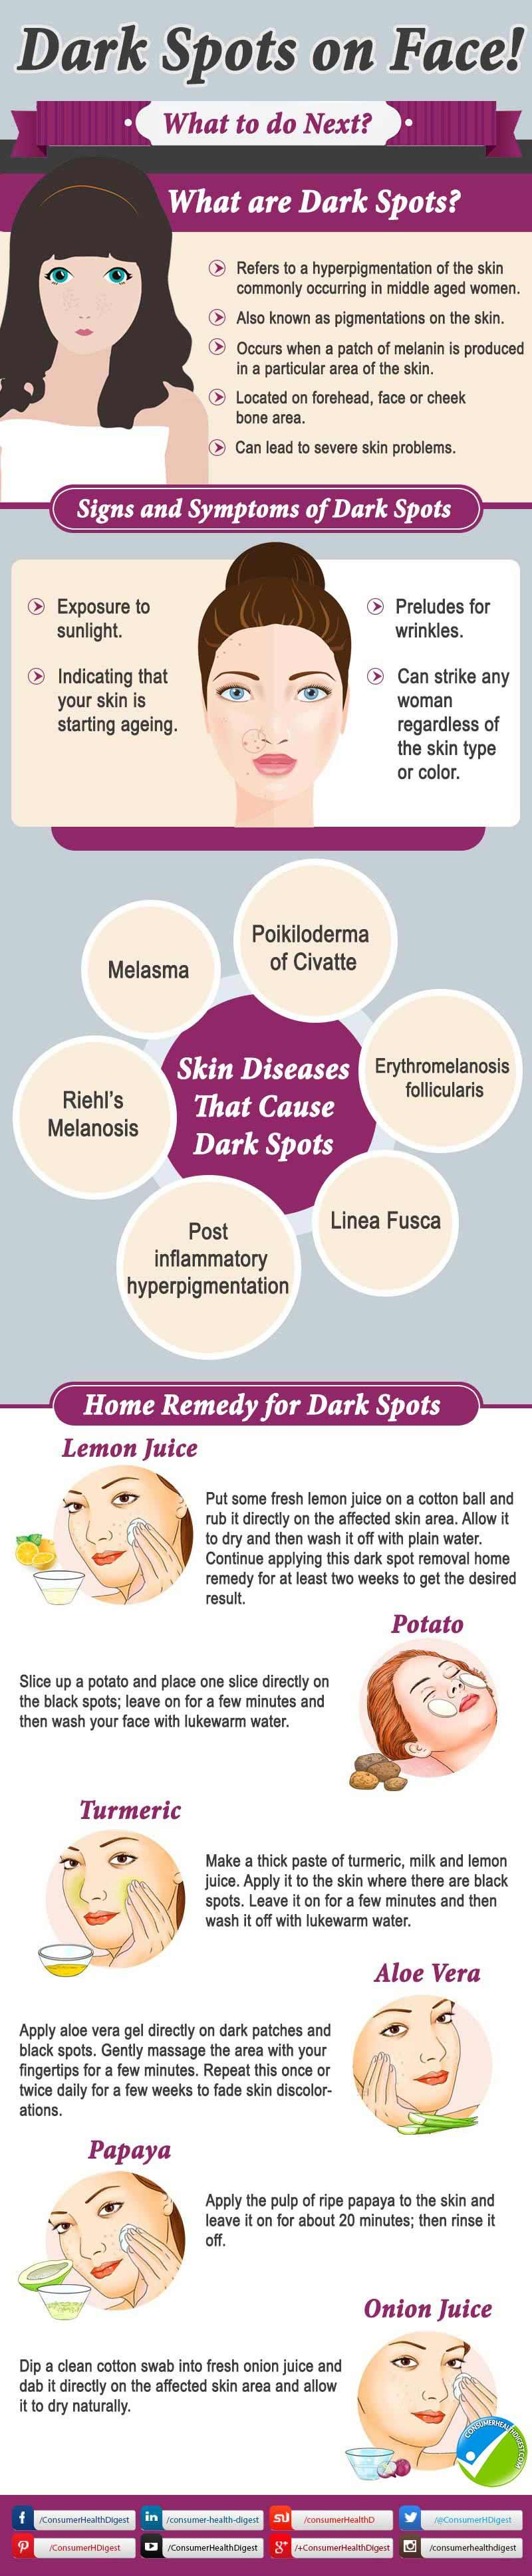 Dark Spot Face Info